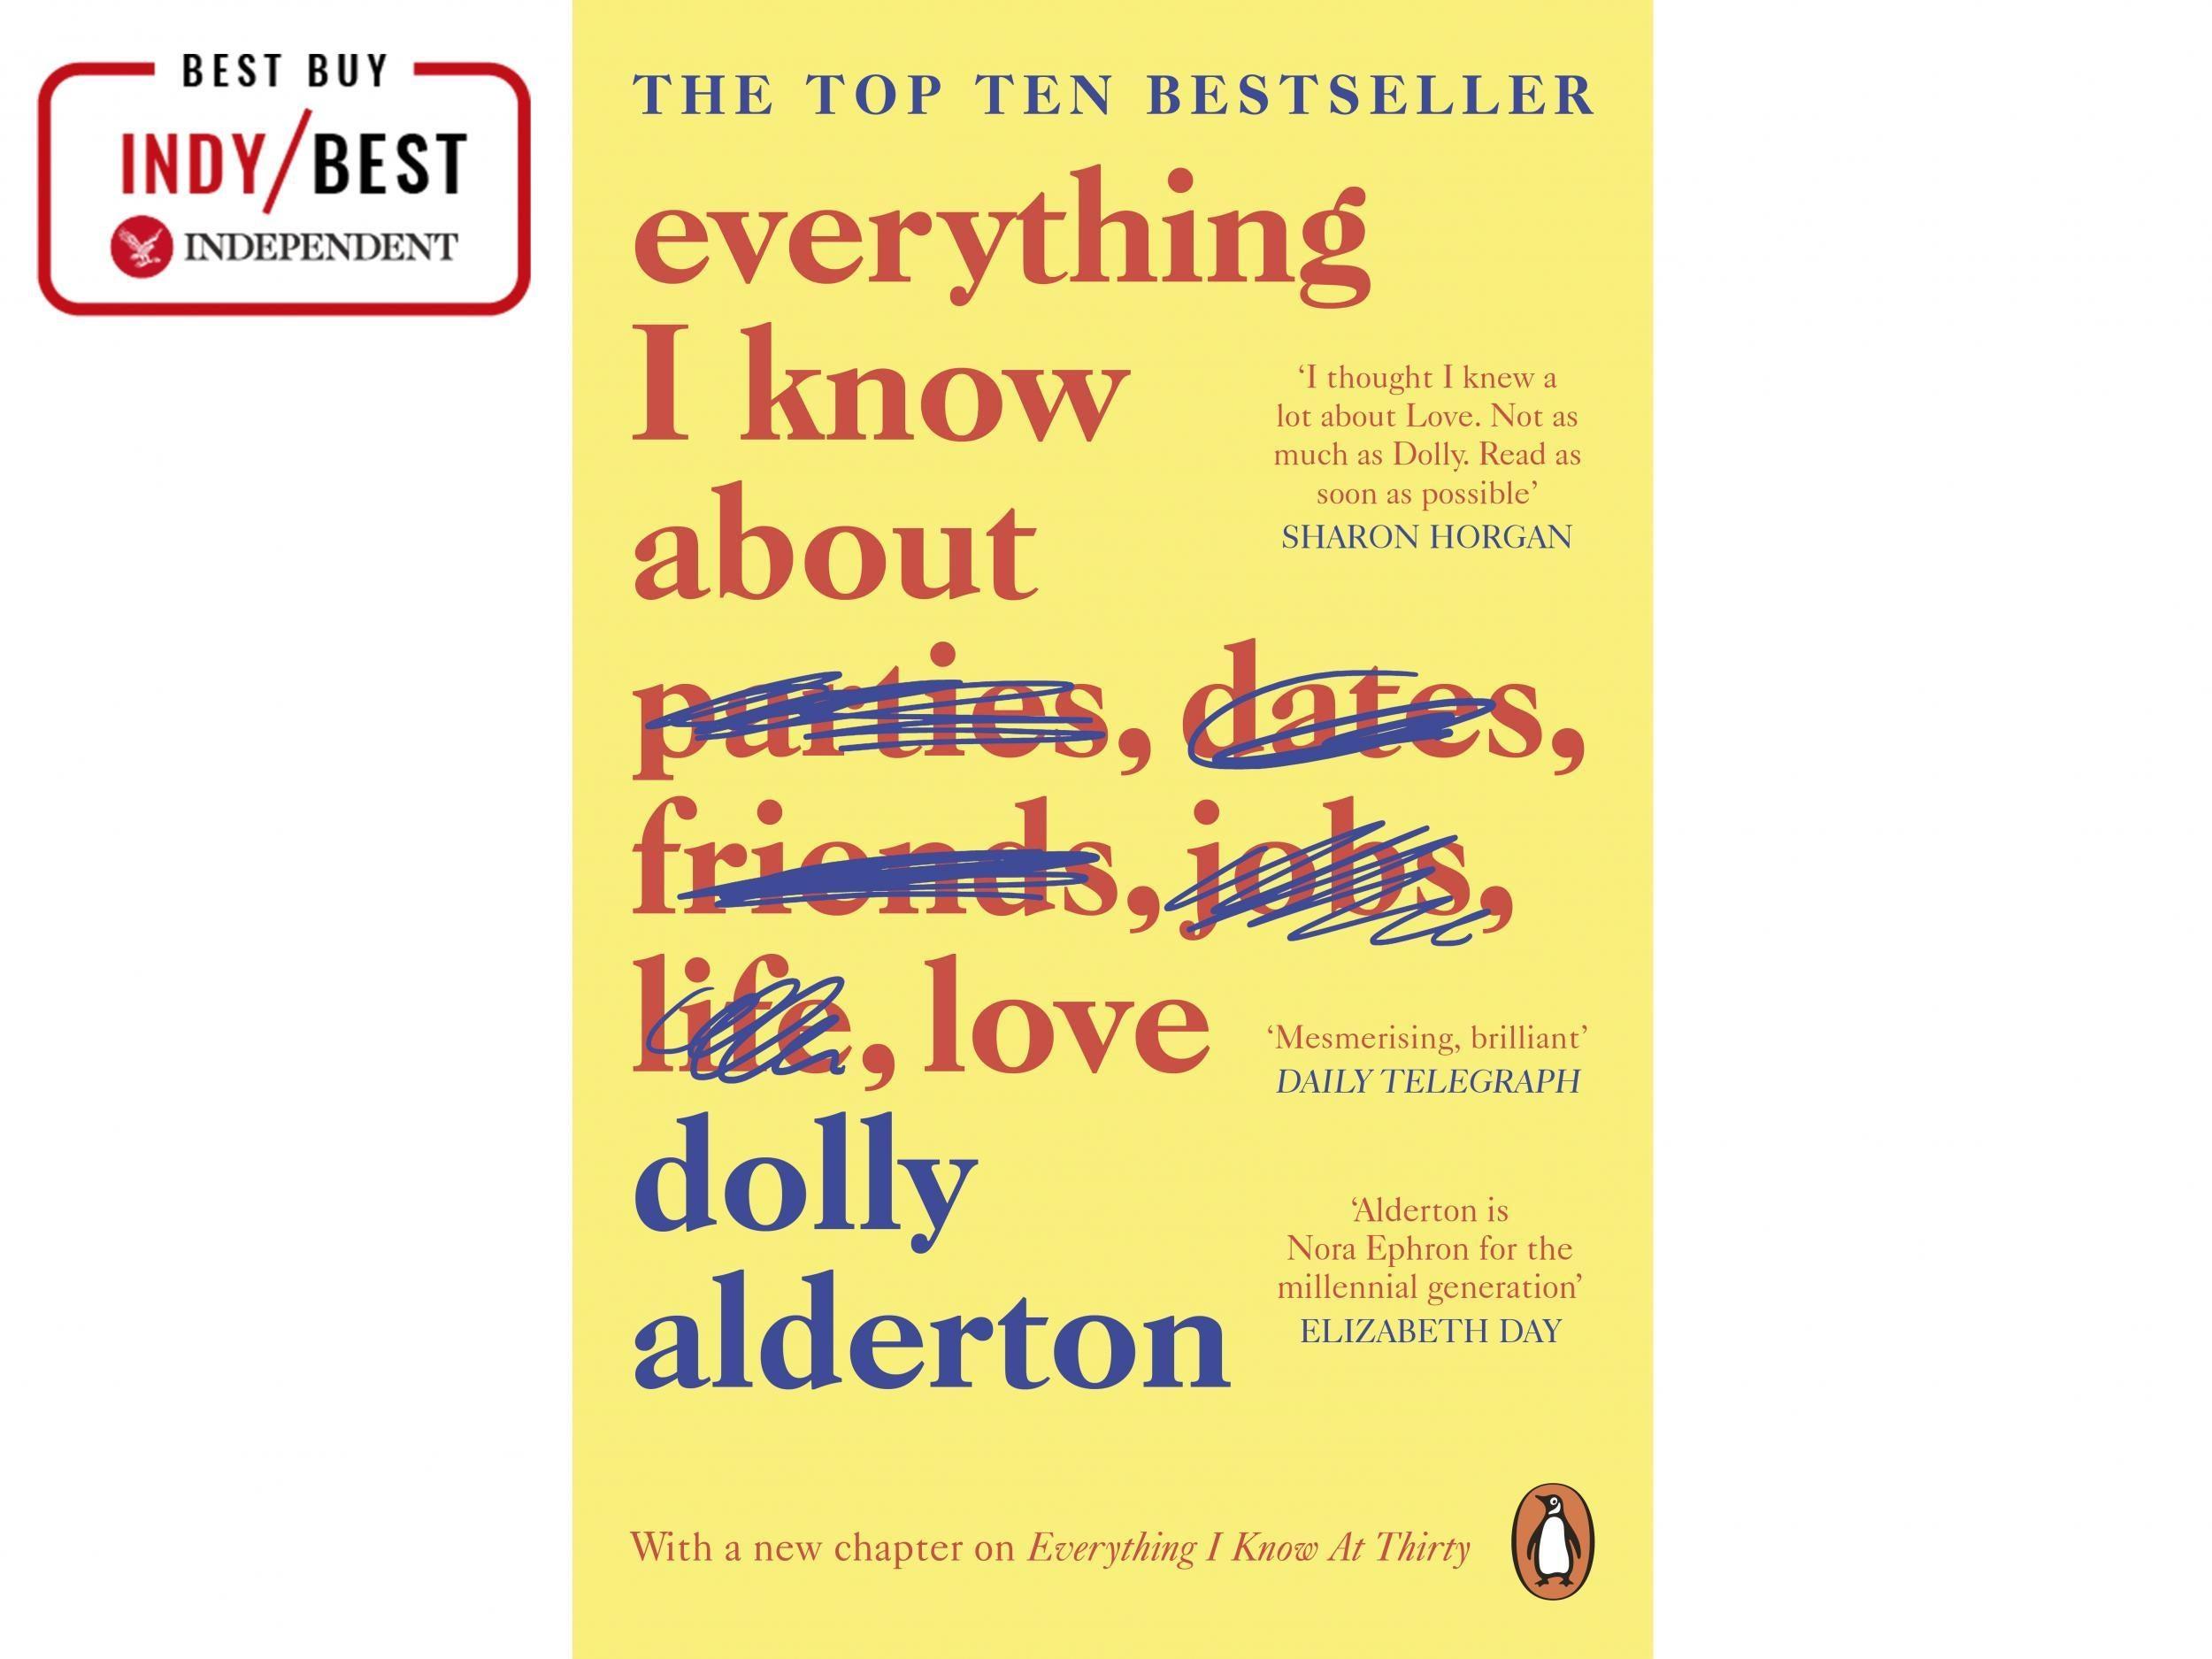 Best millennial memoirs written by women that are must-reads